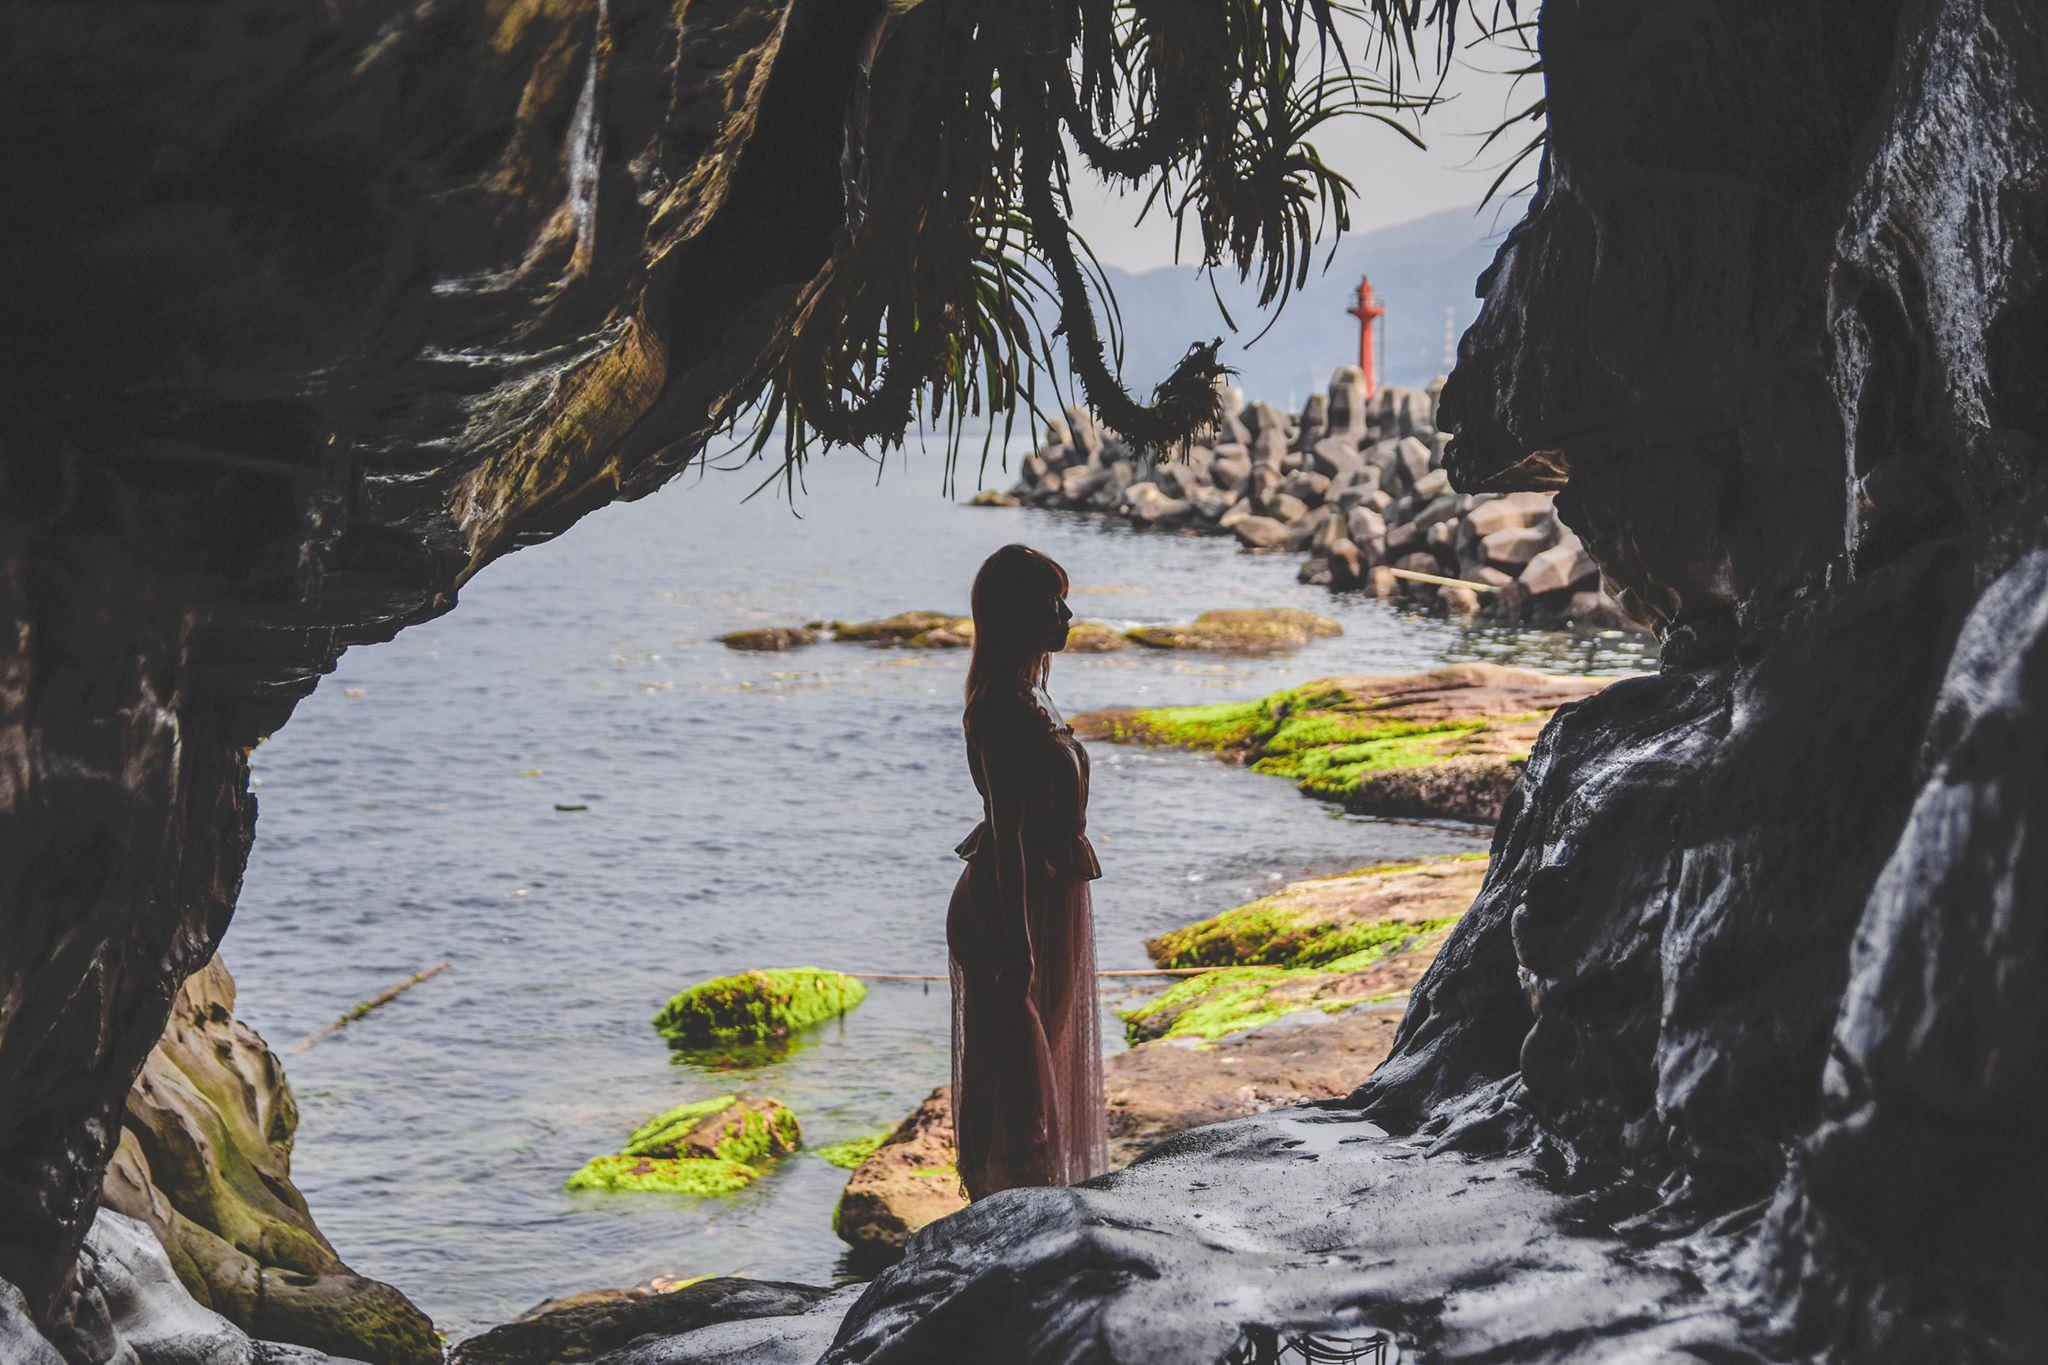 20190426111733 48 - 新北秘境 金山神秘海岸 絕美一線天礁岩 穿越巨岩才能抵達的夢幻海岸